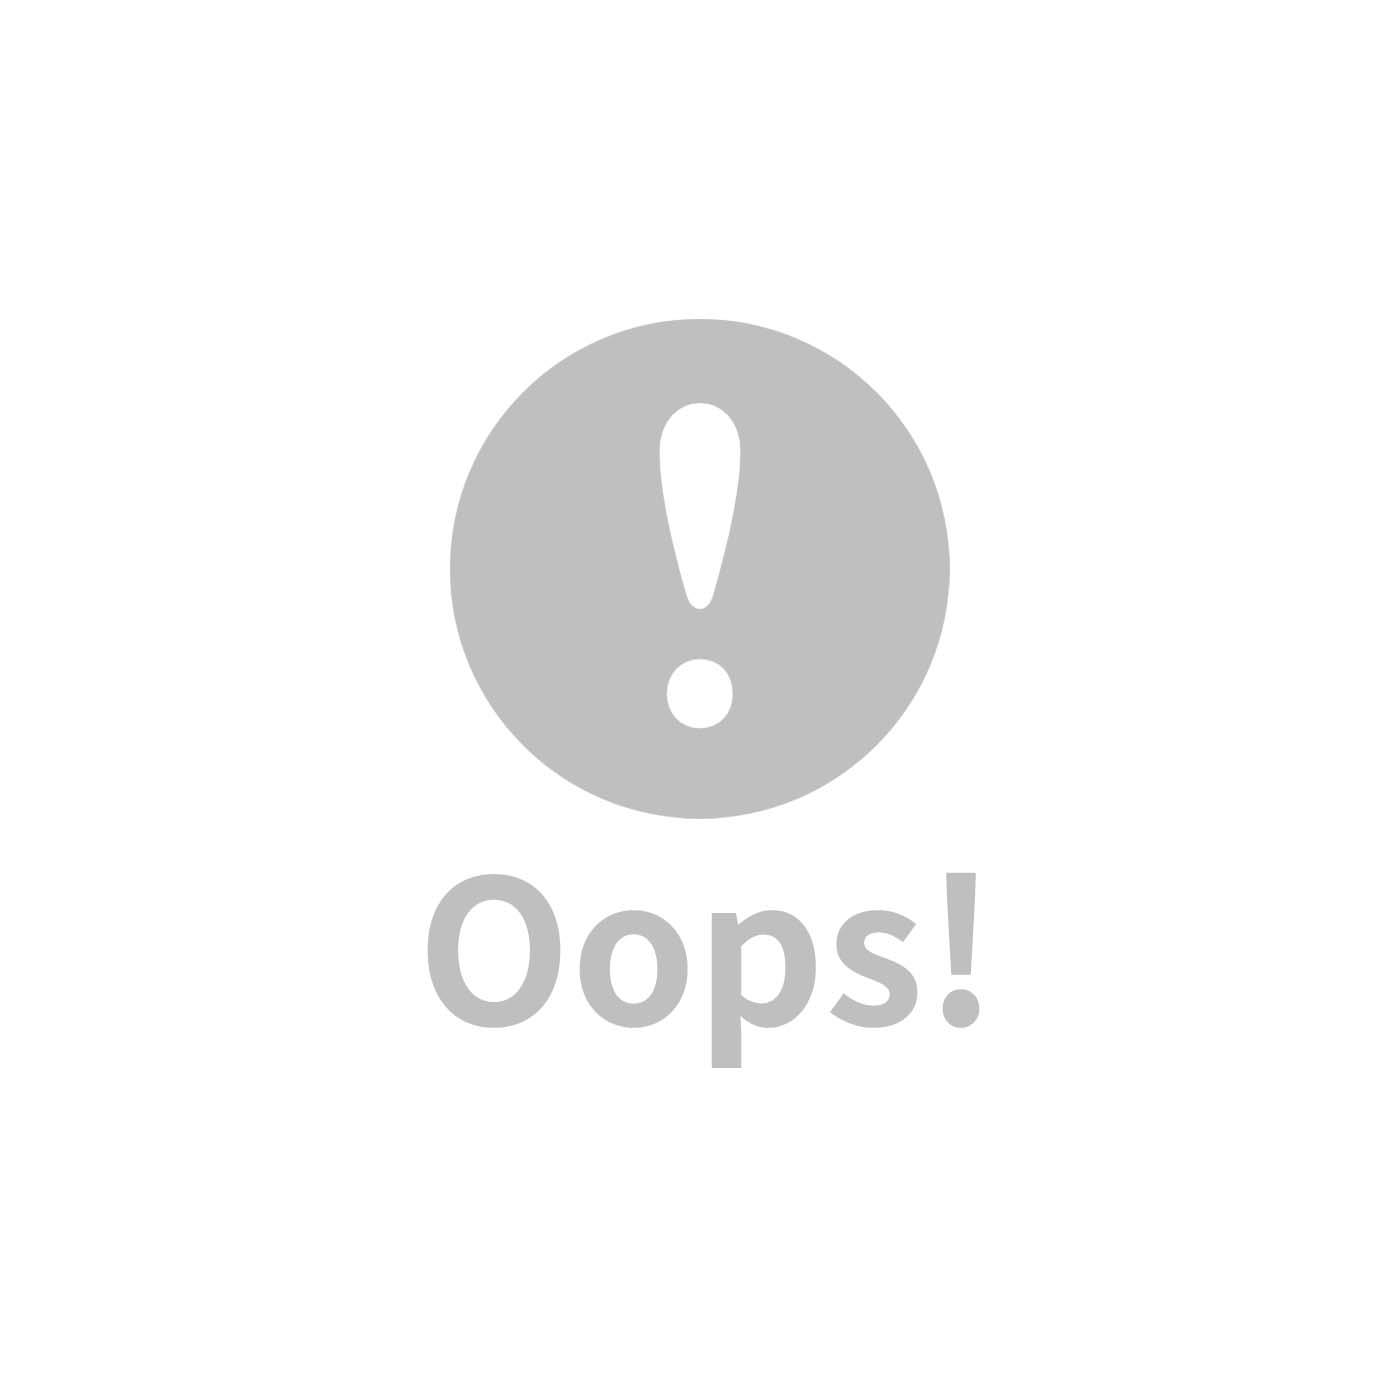 ELPRAIRIE頂級鮮厚超純水嬰兒濕紙巾-絲柔呵護印花款(大包72抽x10入)